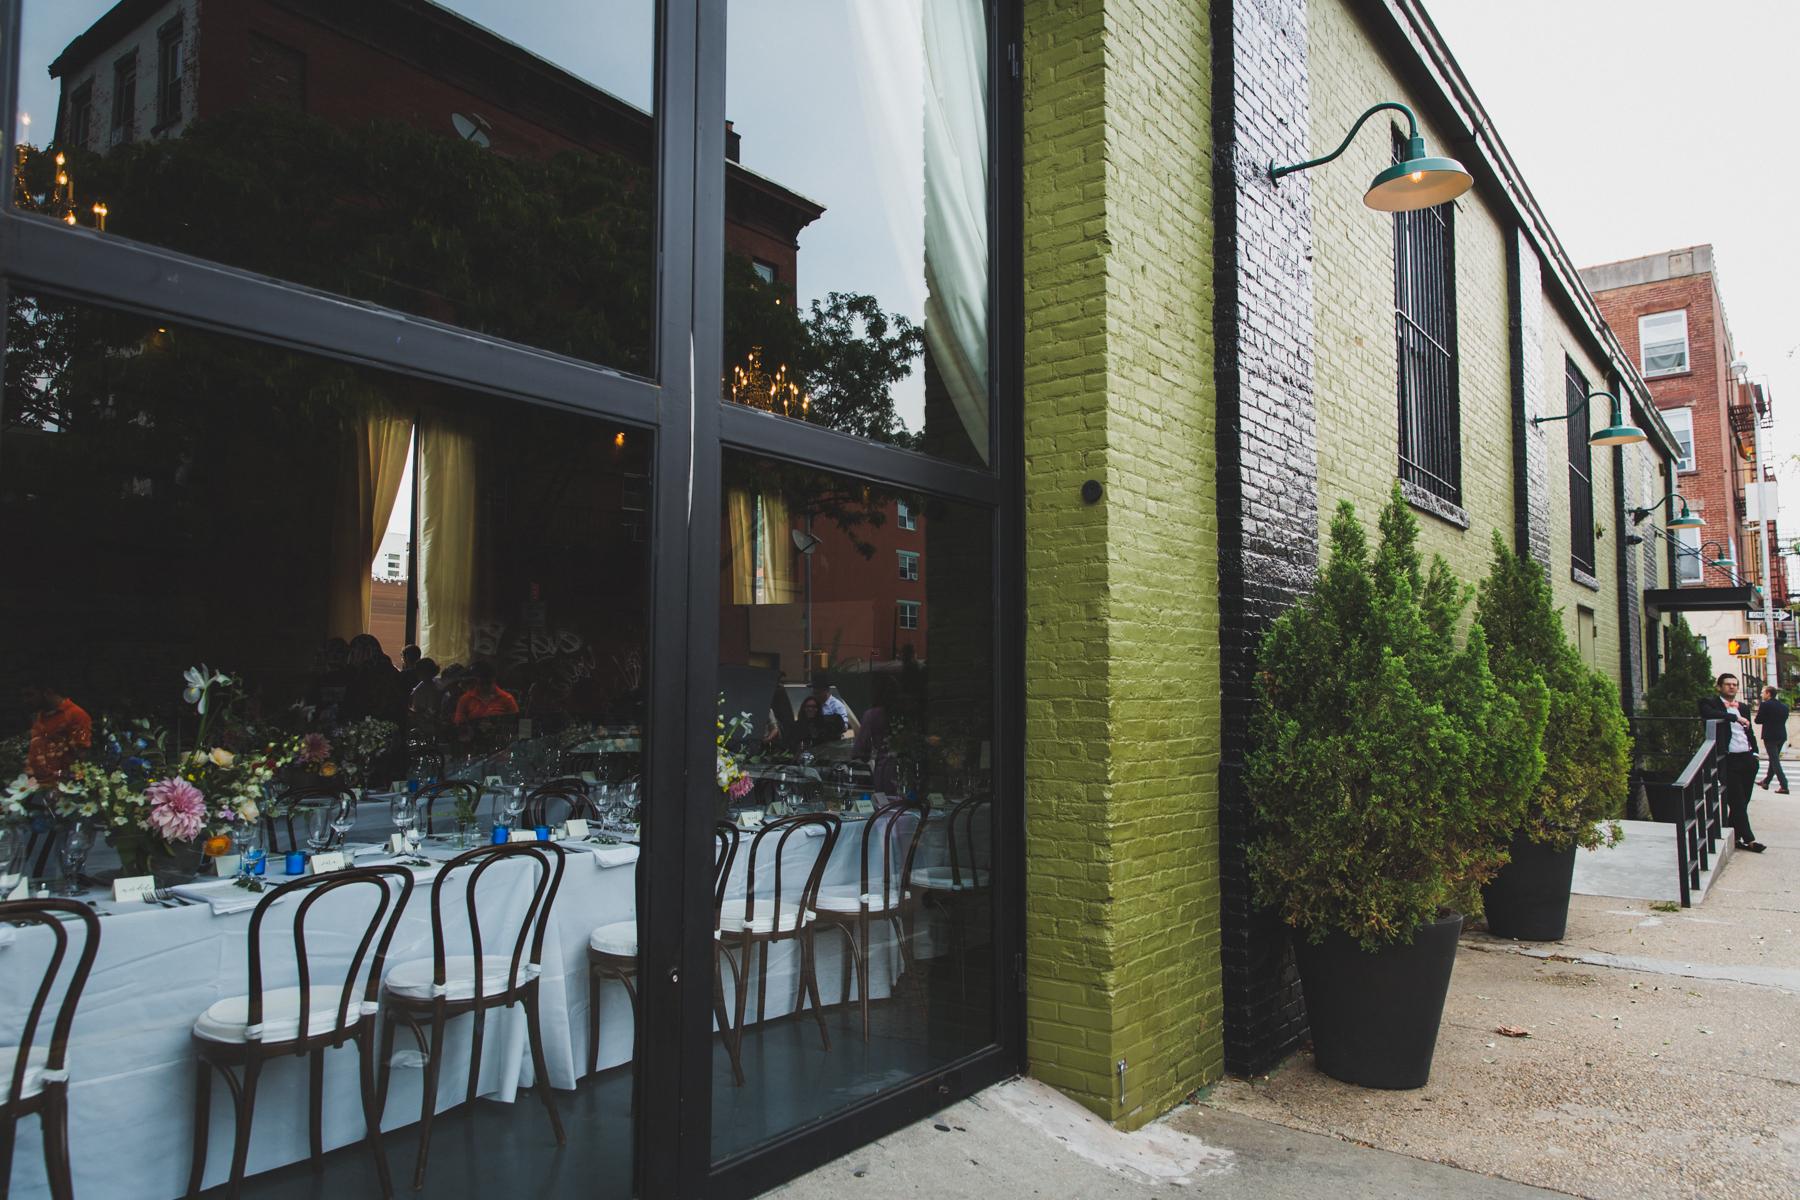 Wythe-Hotel-Green-Building-Brooklyn-Documentary-Wedding-Photography-41.jpg